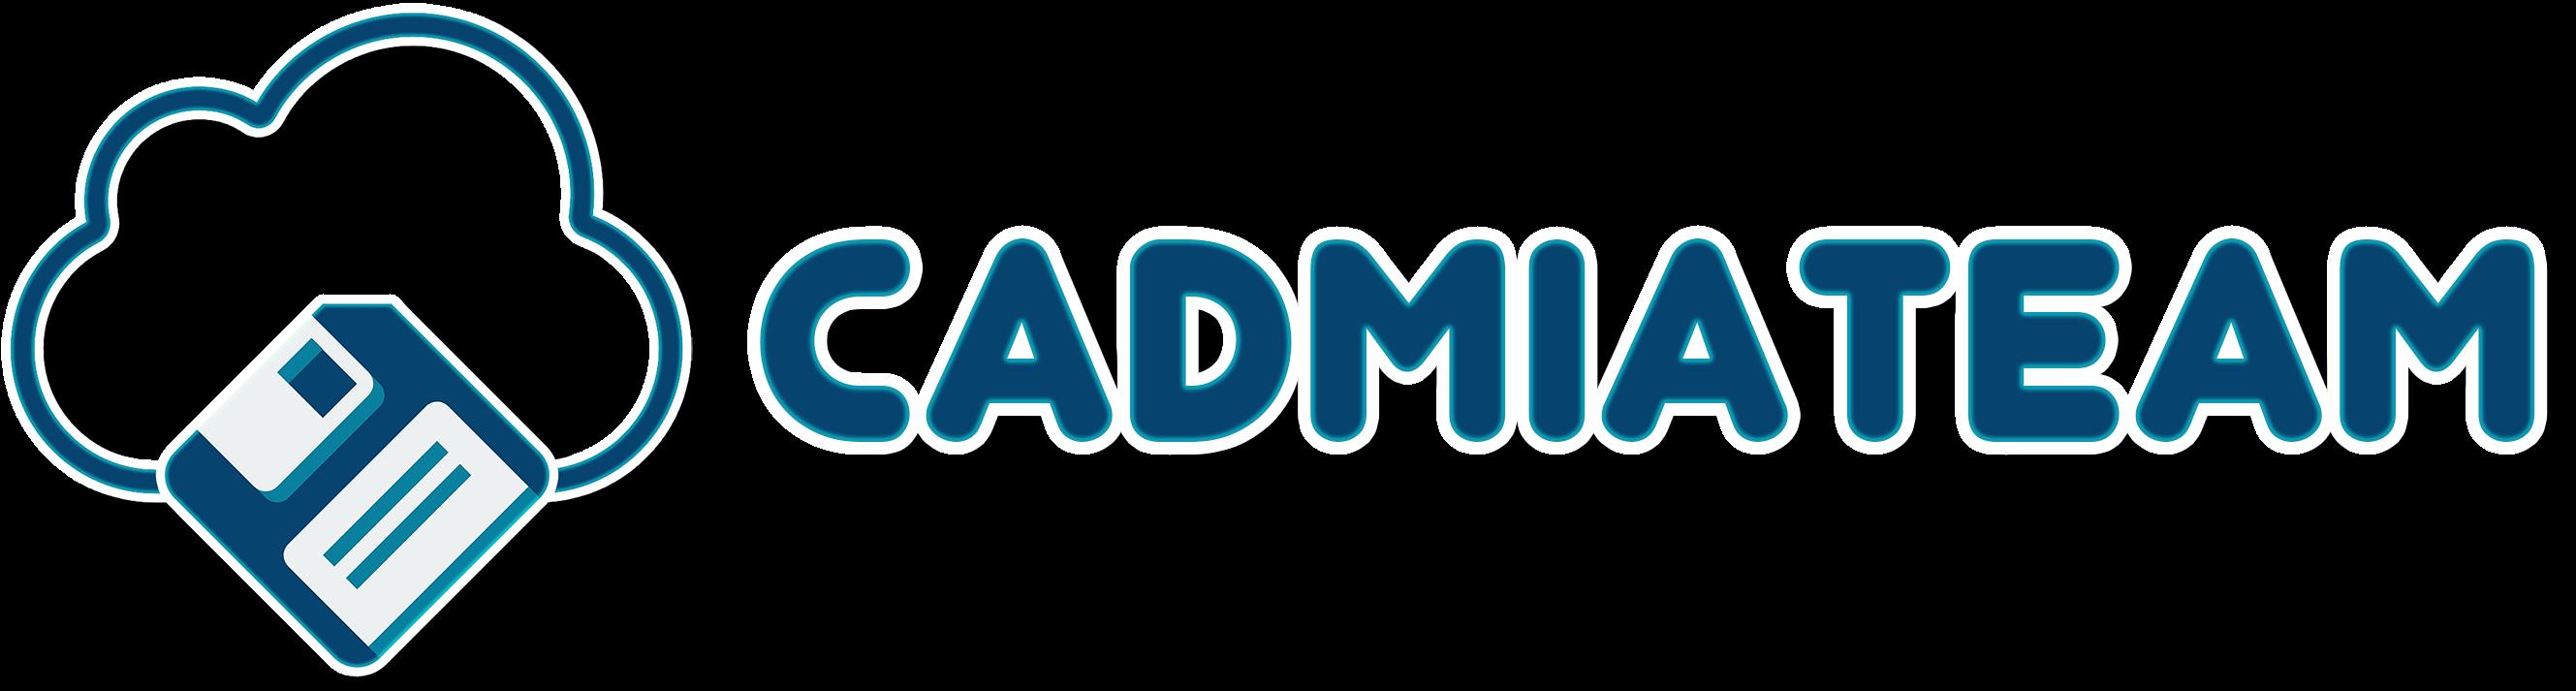 CadmiaTeam